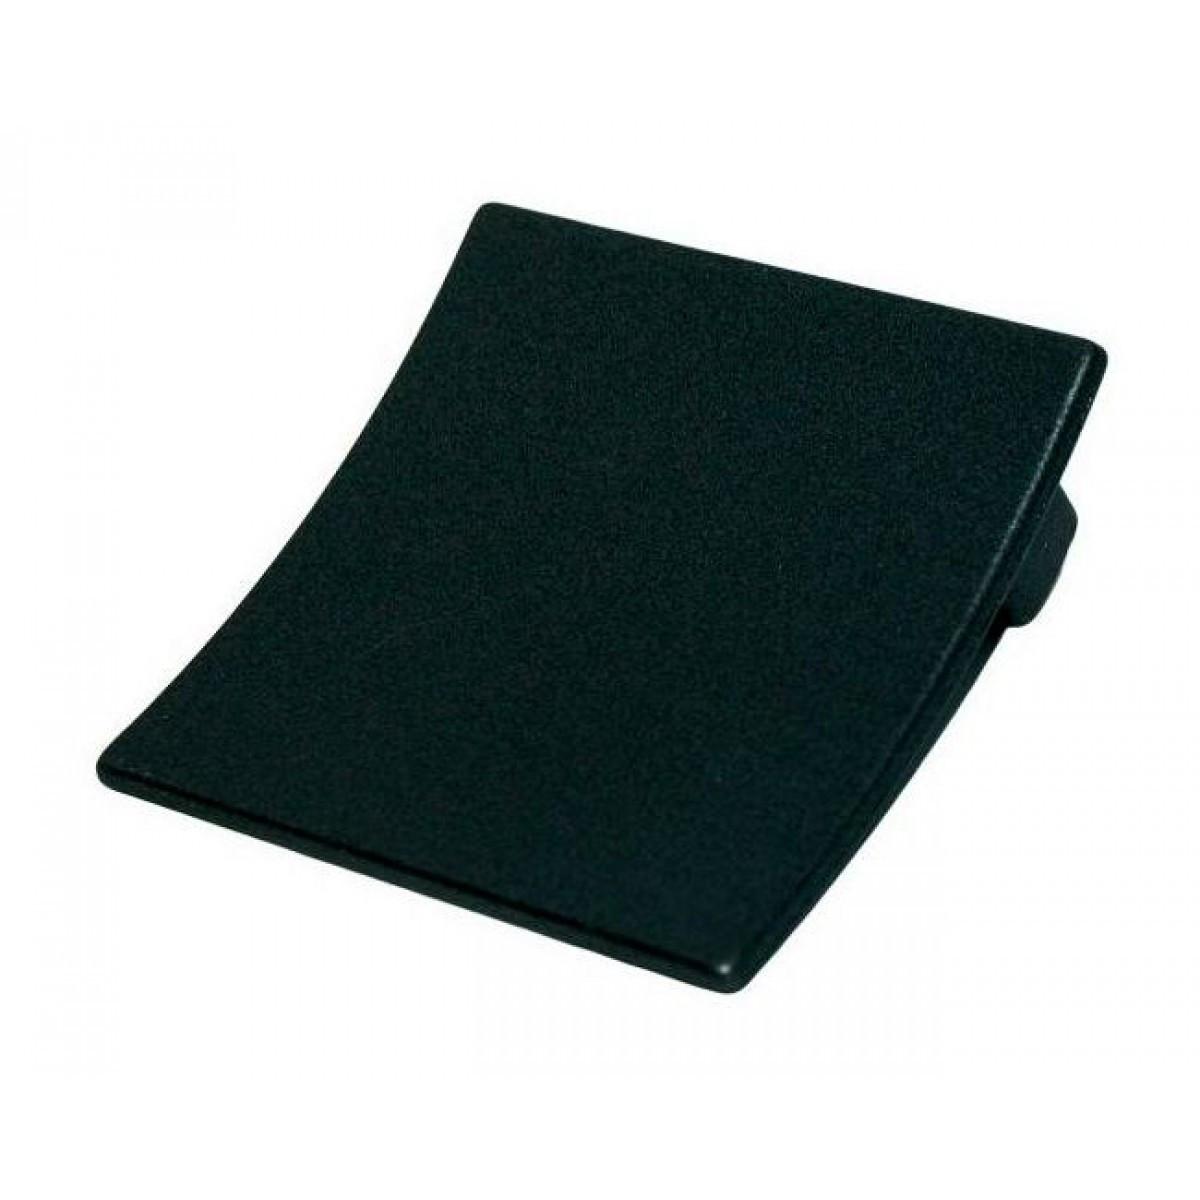 Ручка мебельная Ozkardesler 5596-012 32мм IPEK Матовый Черный